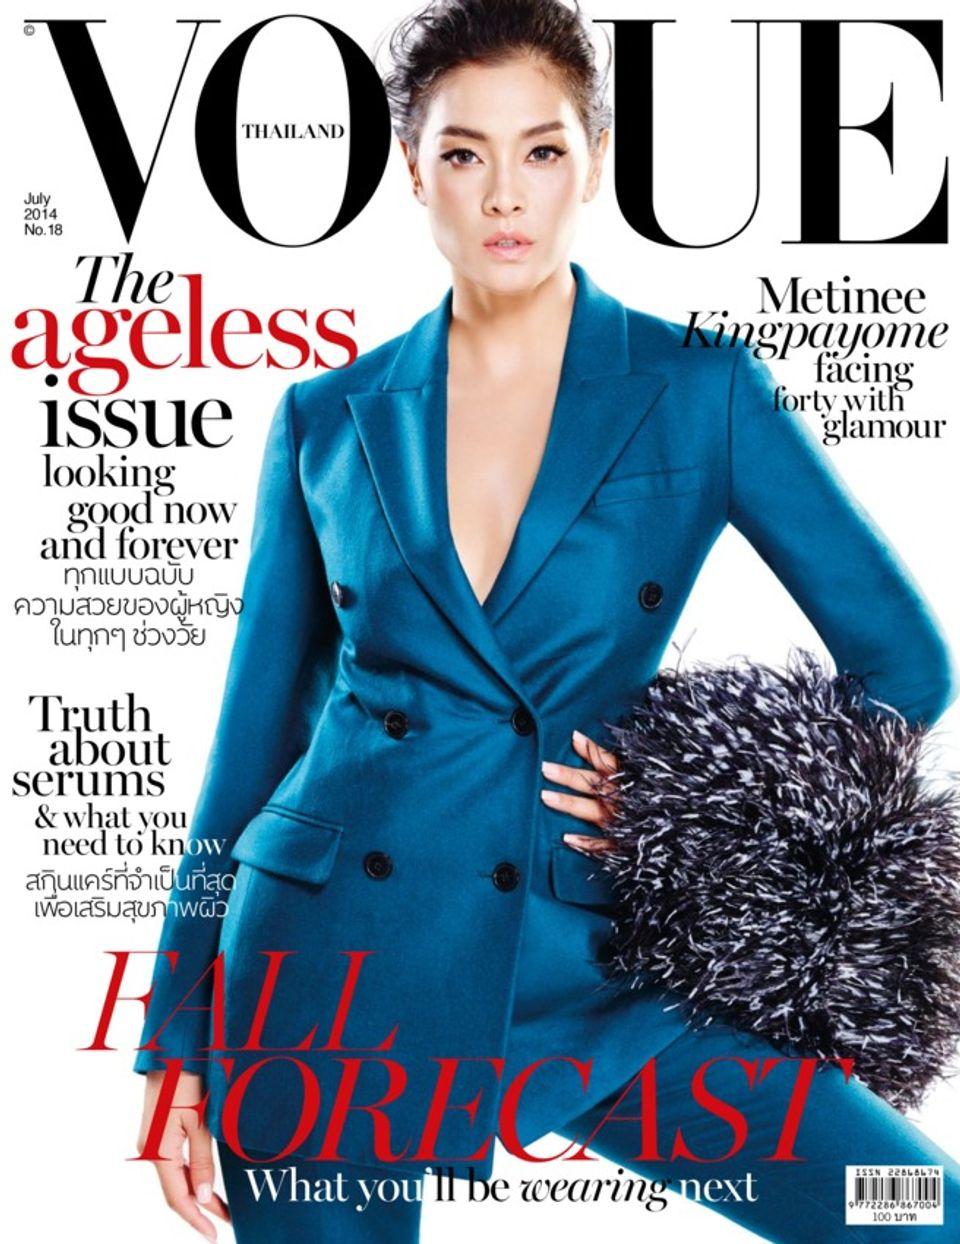 VOGUE Thailand-July 2014 Magazine - Get your Digital